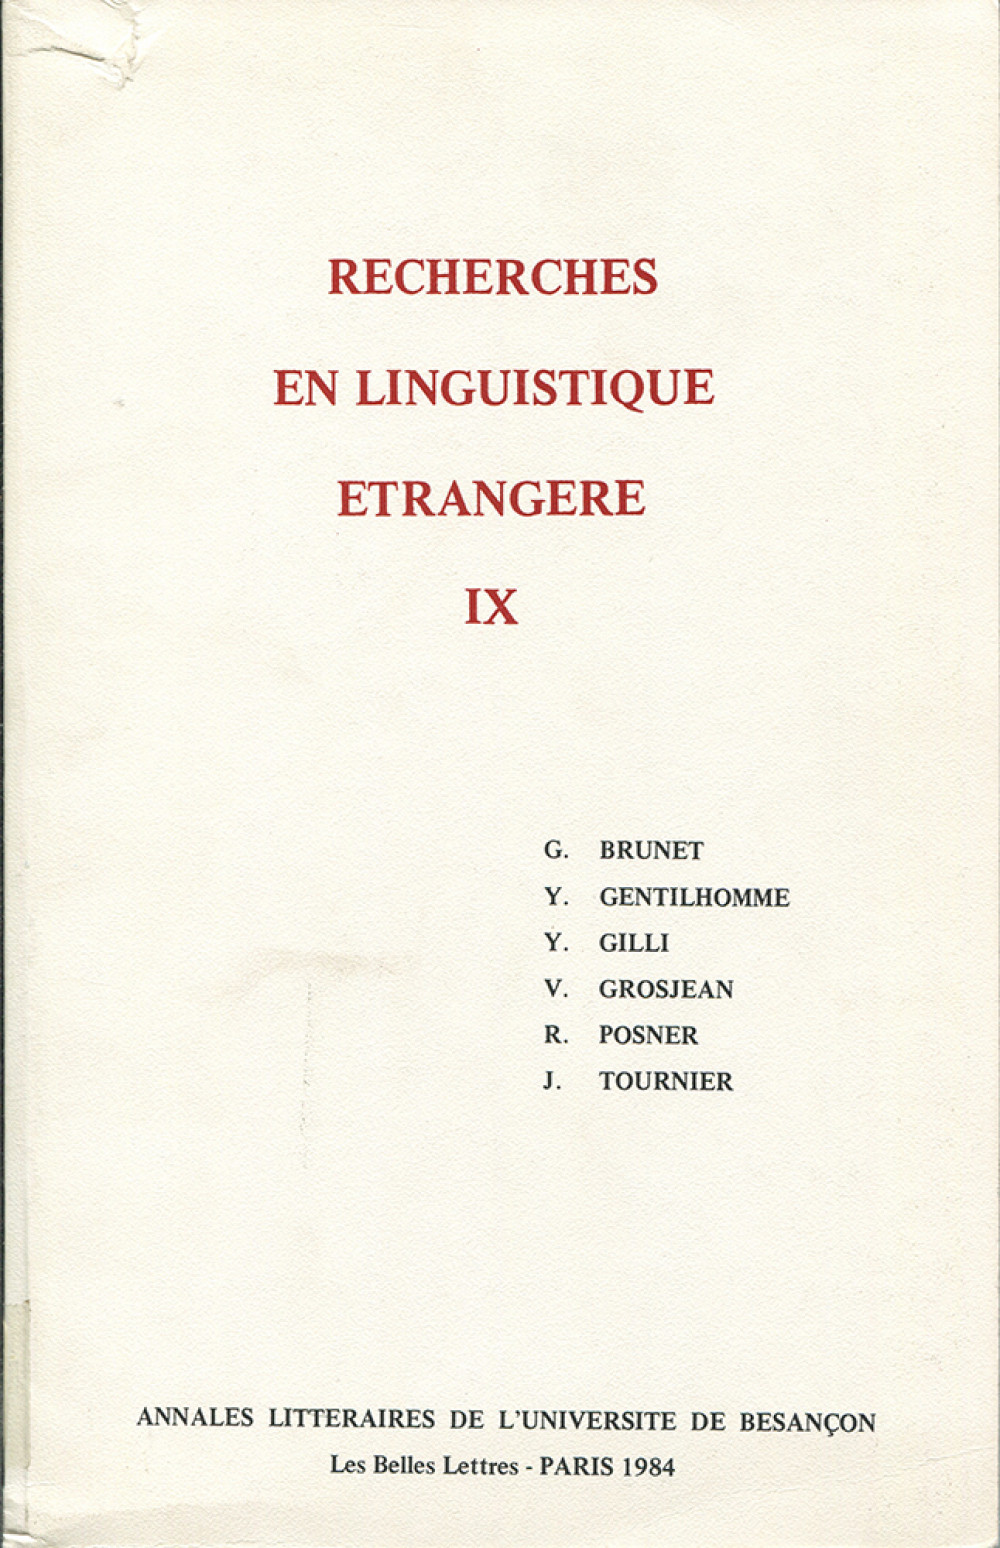 Recherches en linguistique étrangère IX